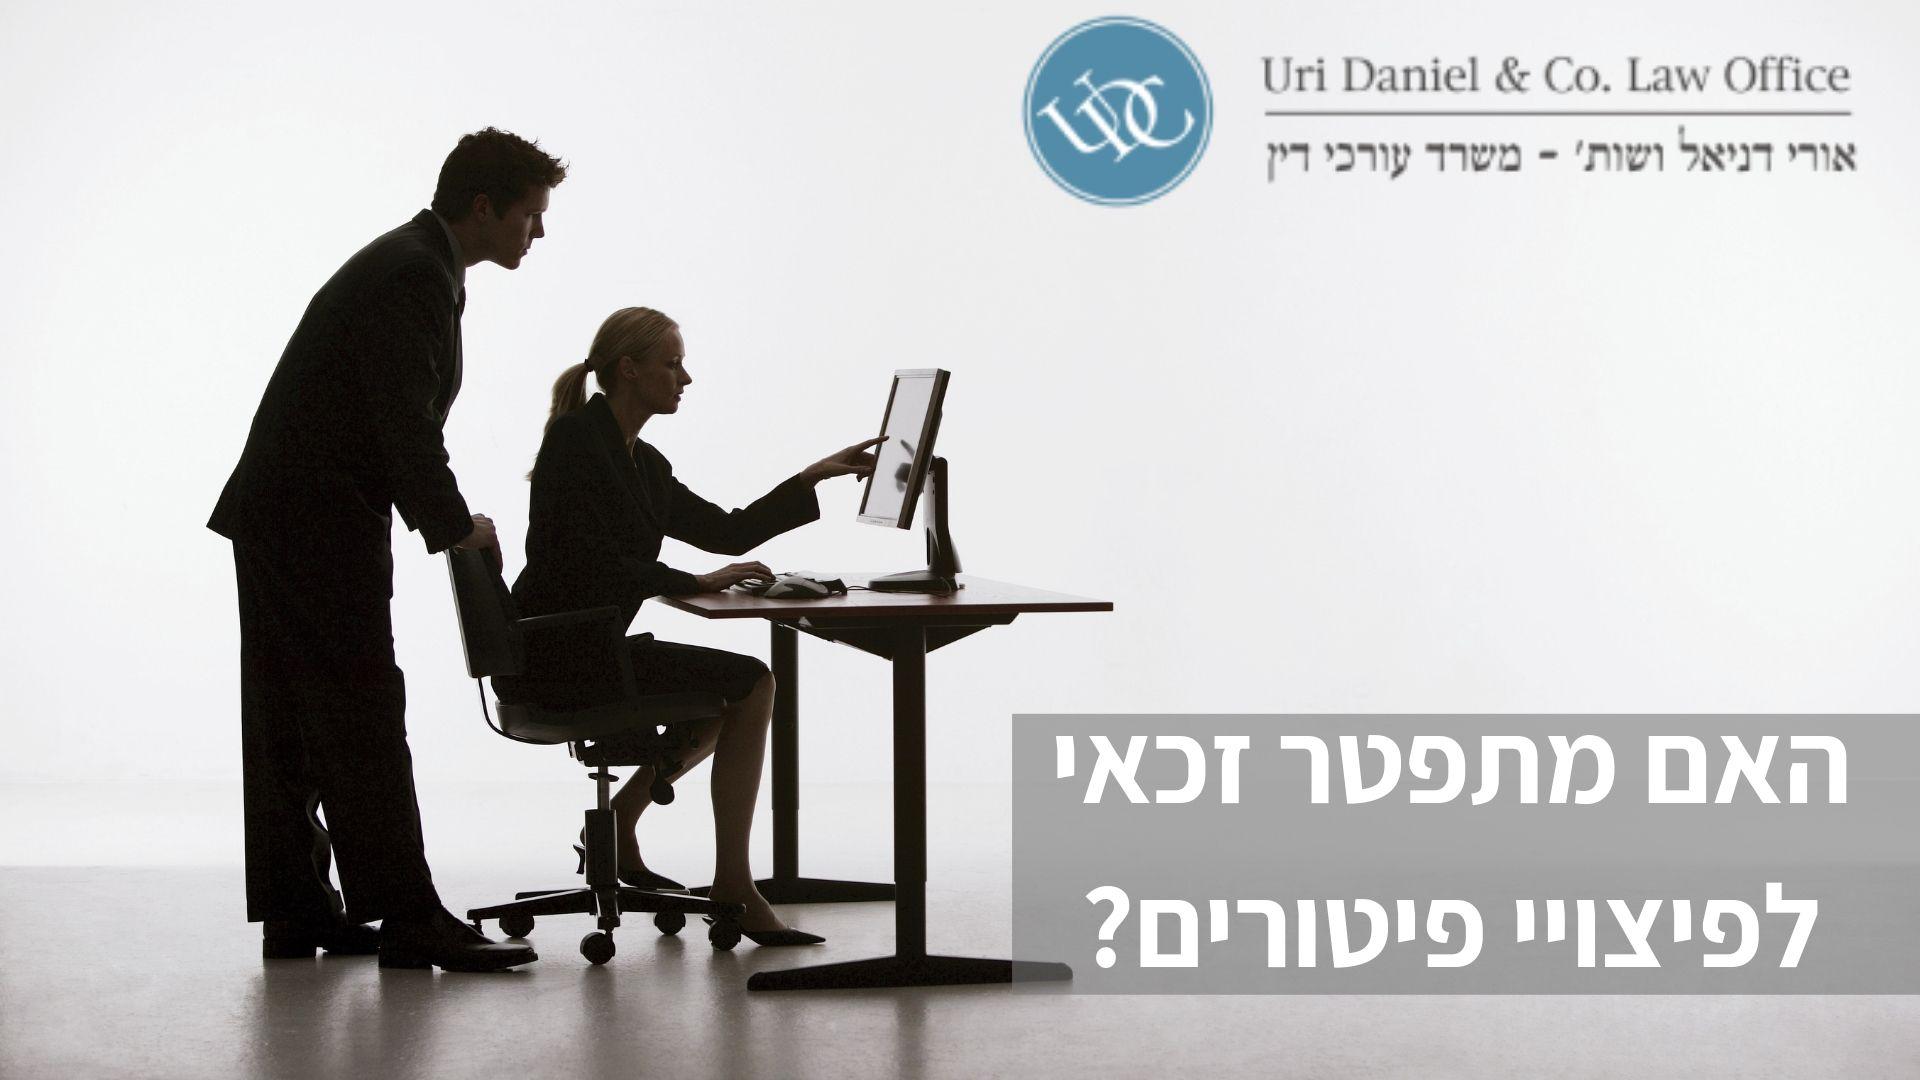 """עו""""ד אורי דניאל מסביר על נוהג מיטיב במקום העבודה"""